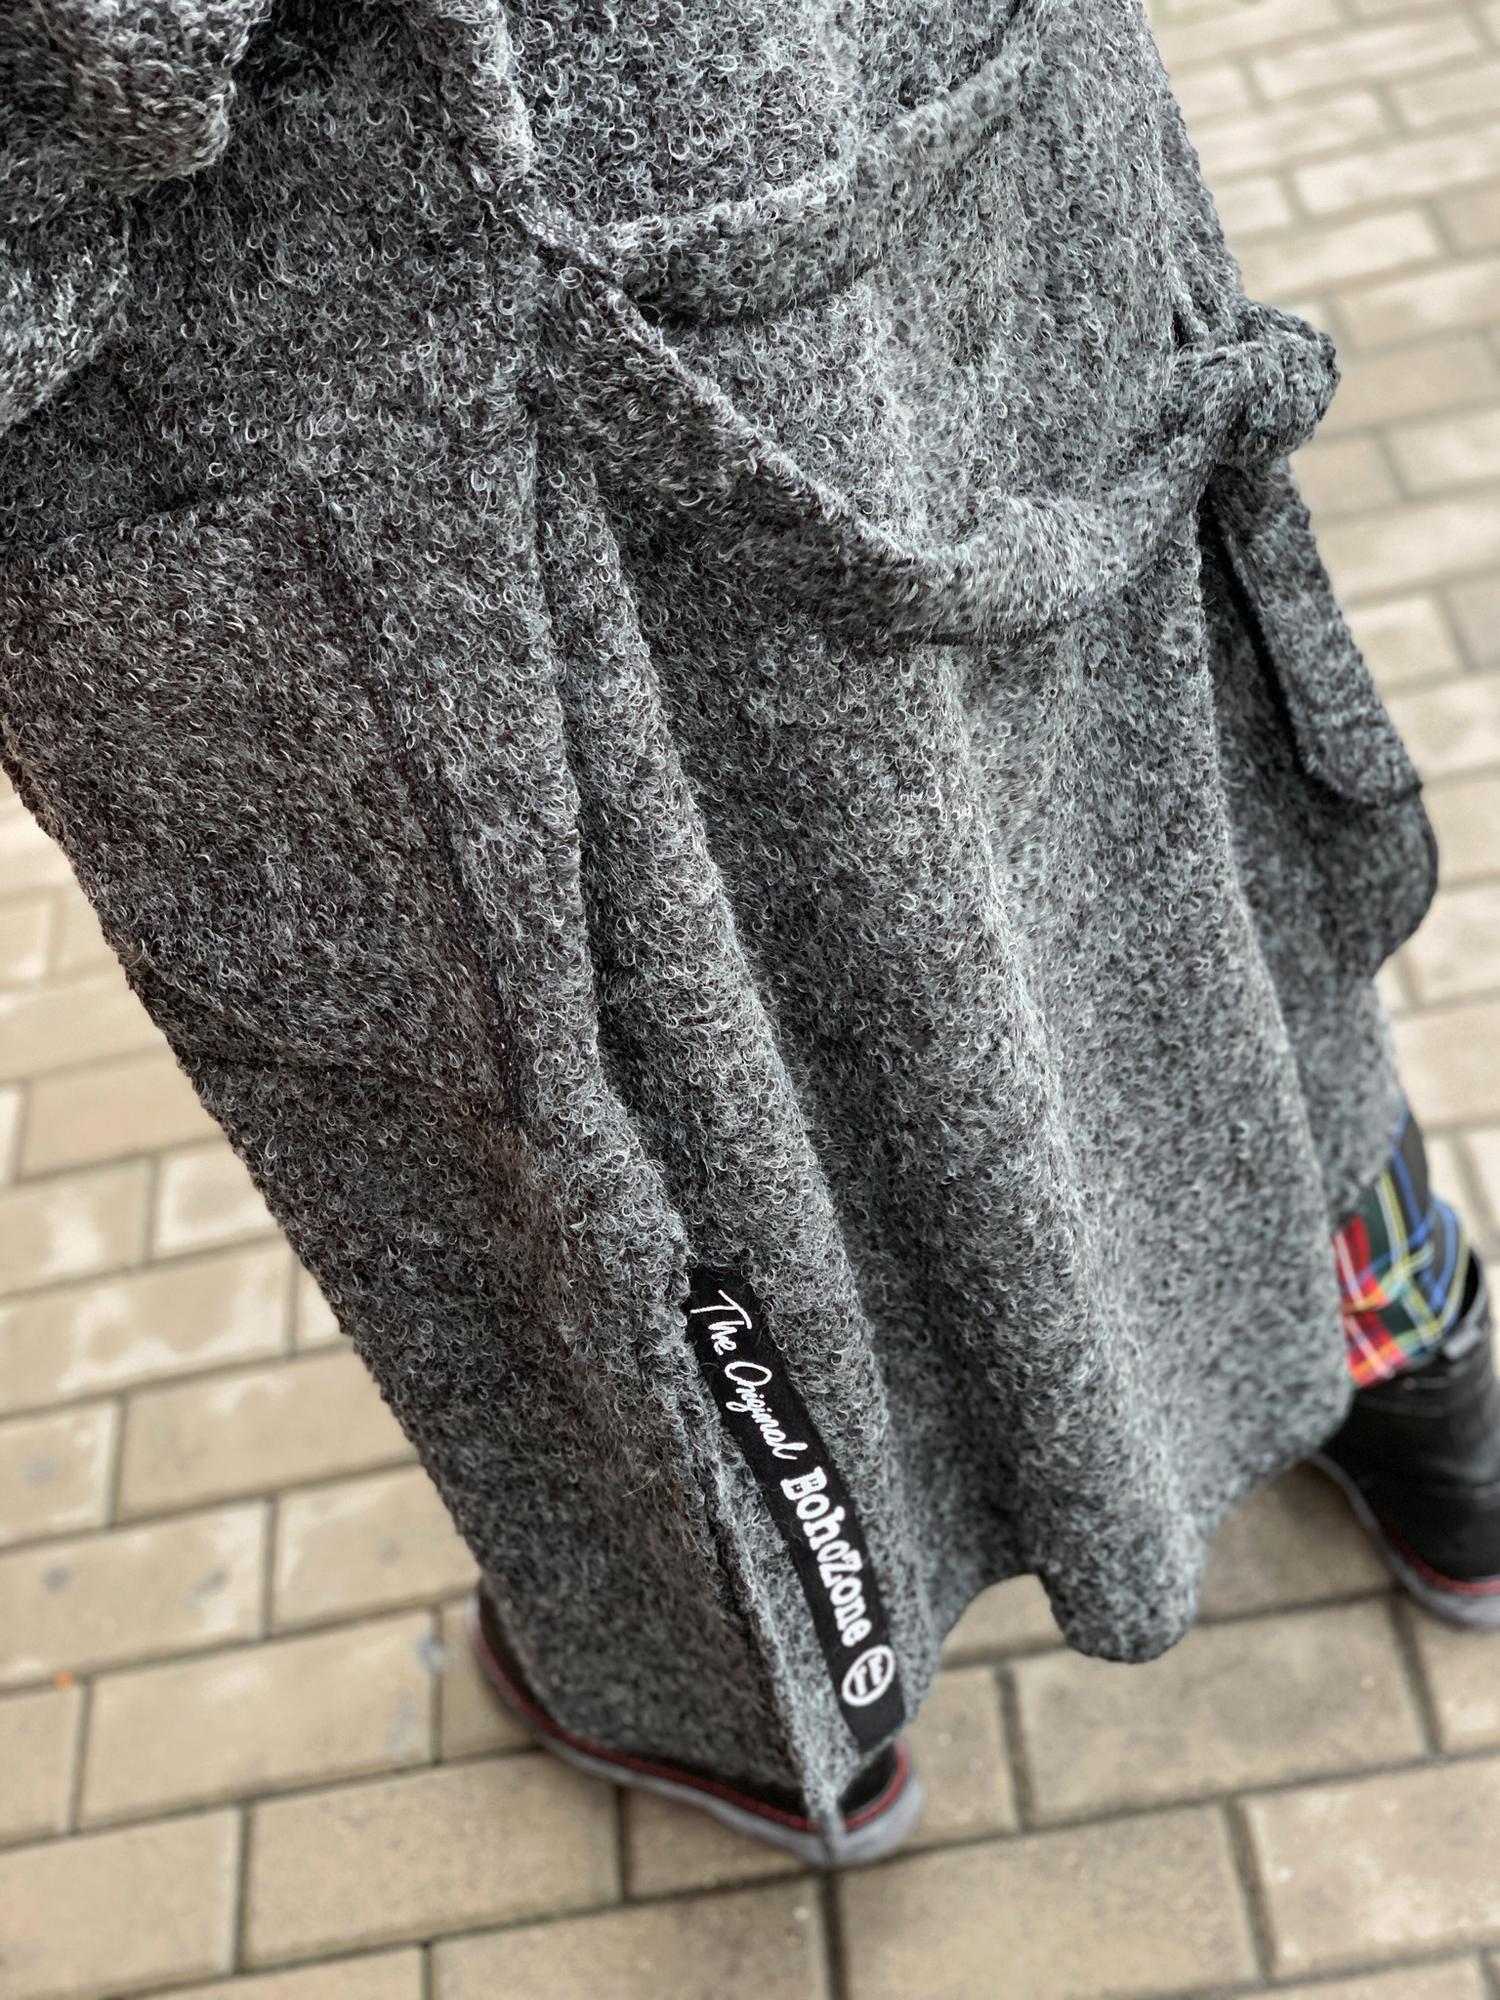 Swetrzysko Graphite Wool - BohoZone   JestemSlow.pl